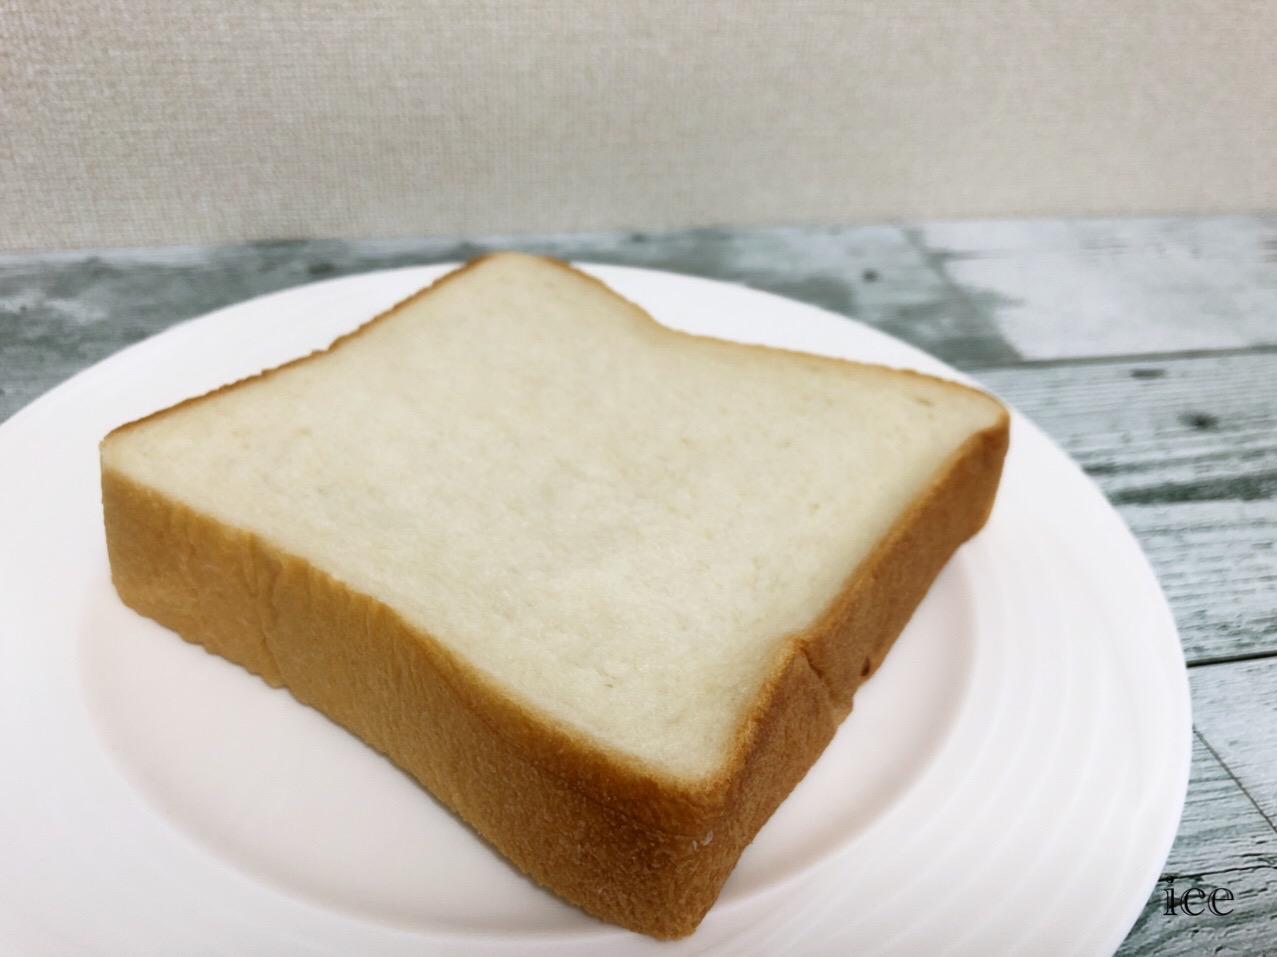 金の食パン 美味しい食べ方